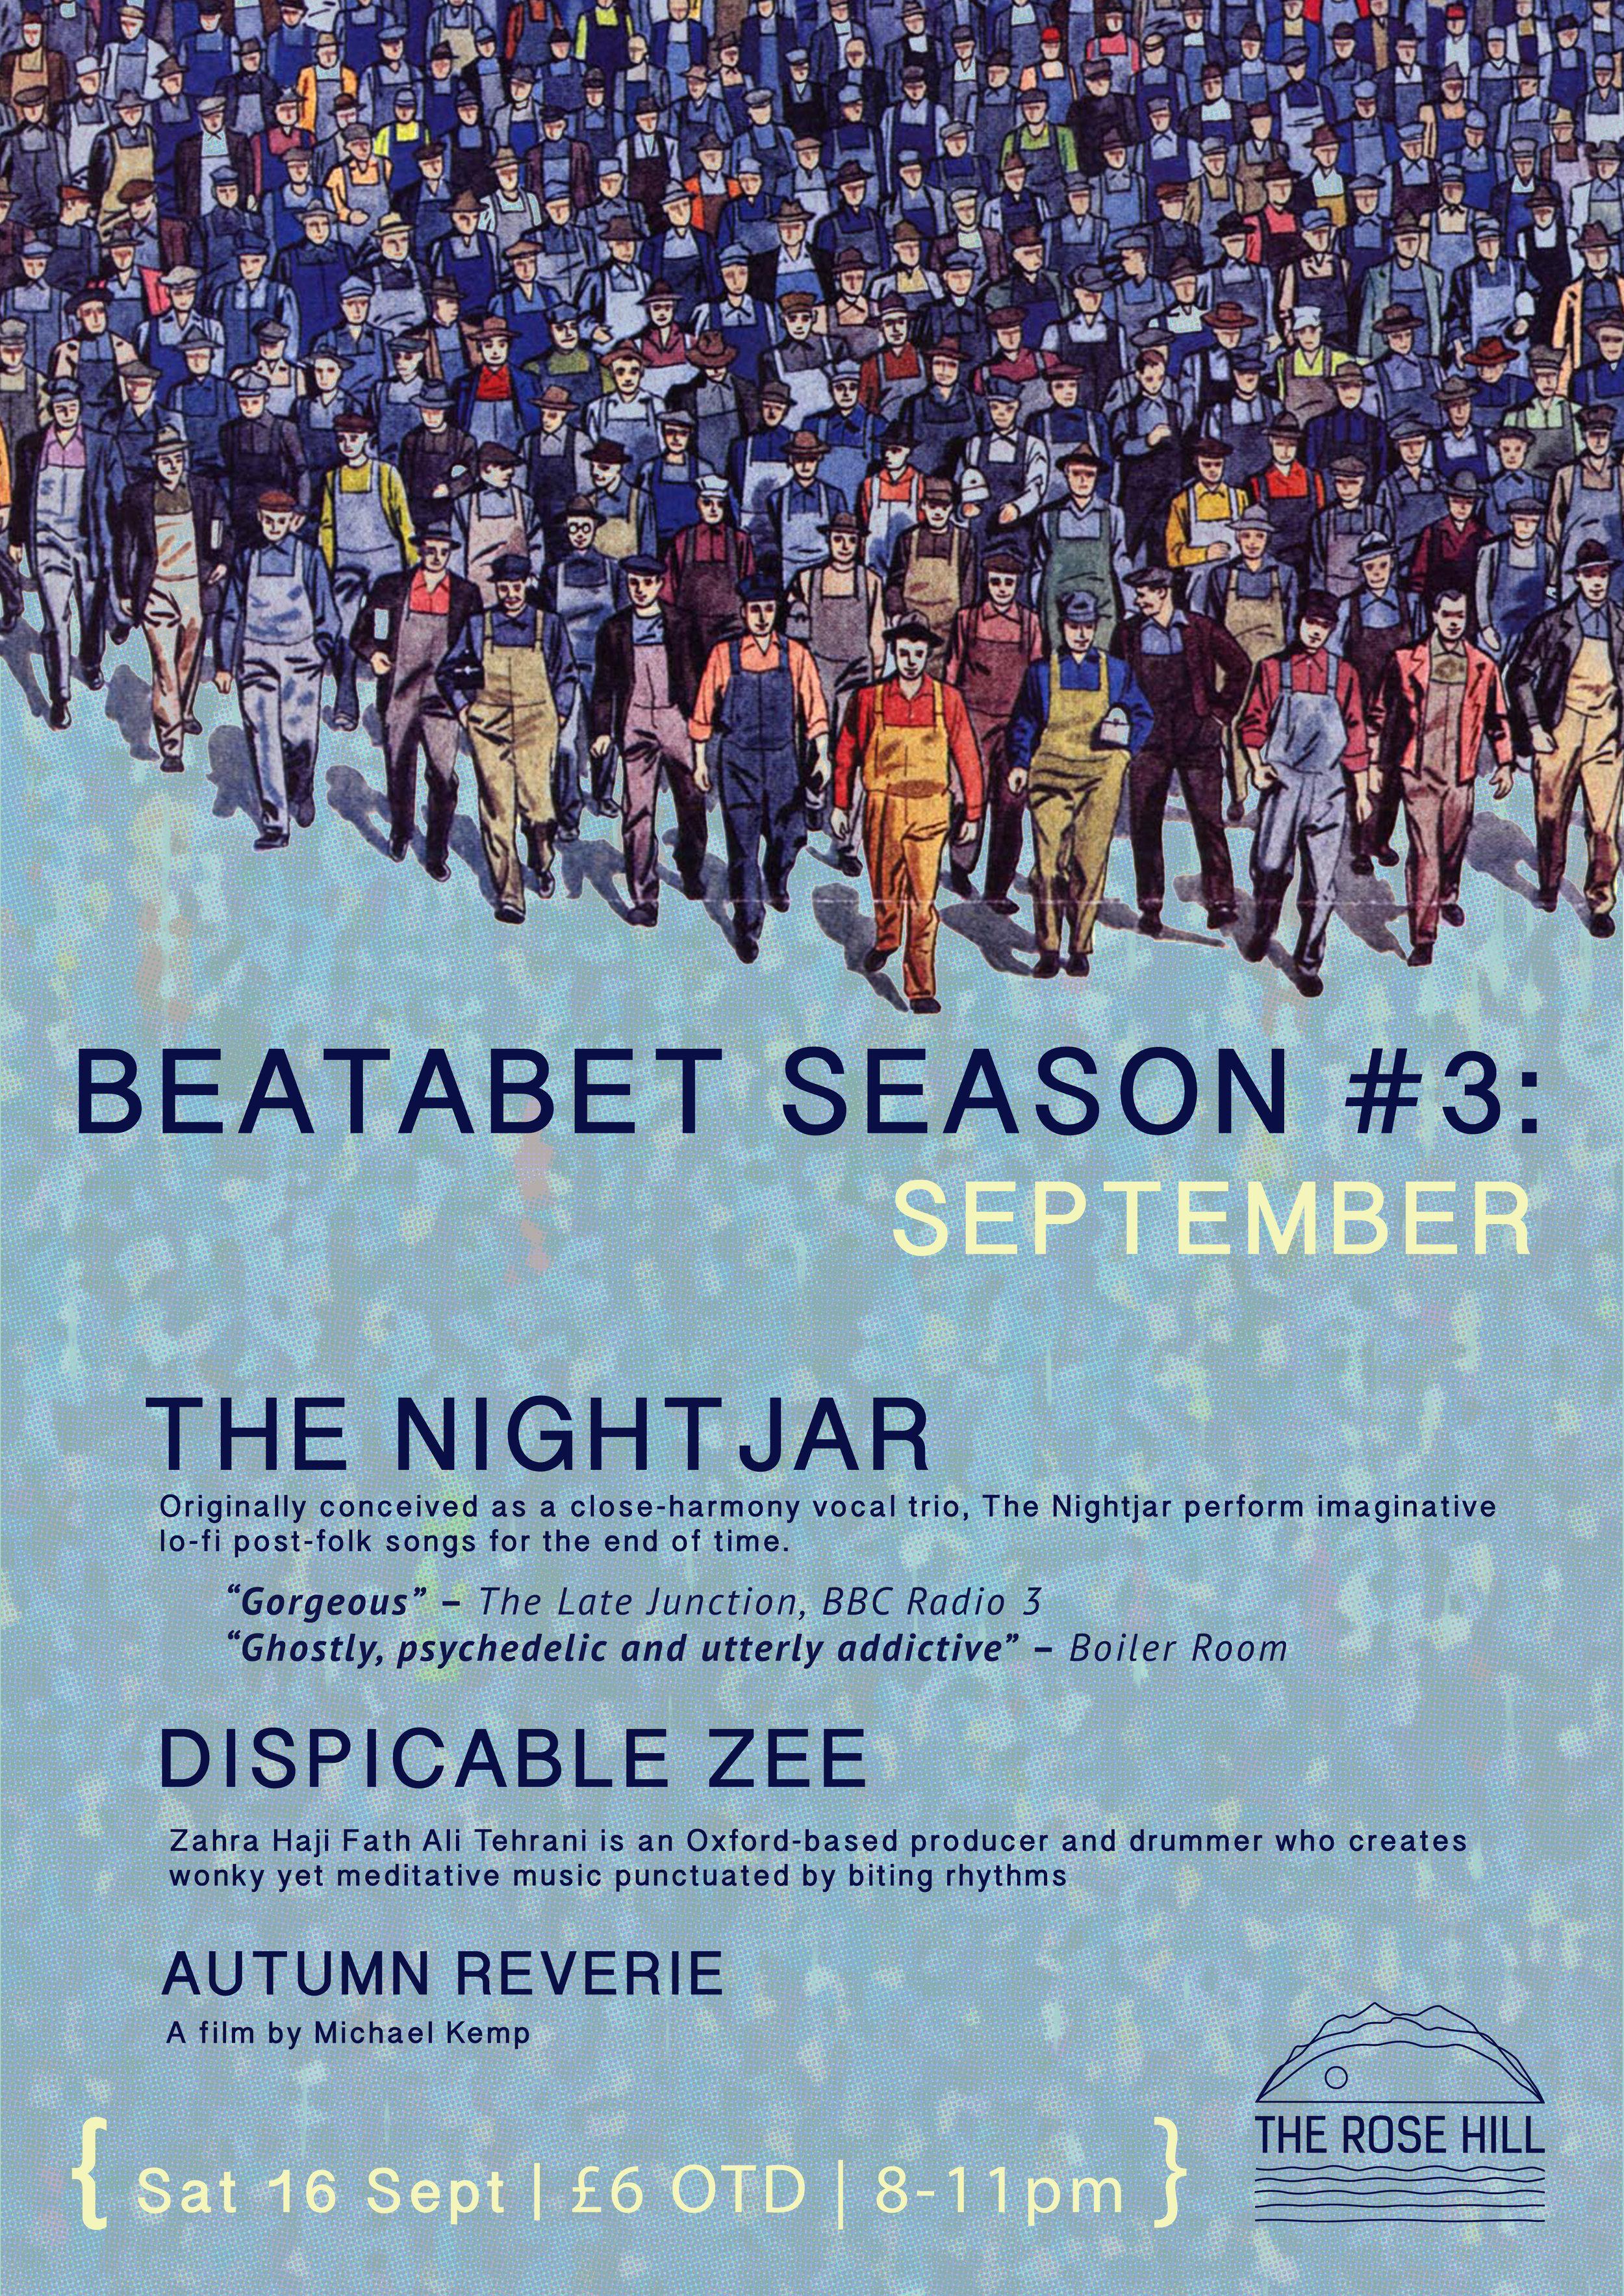 BEatabet Season 3 SEPT POSTER.jpg